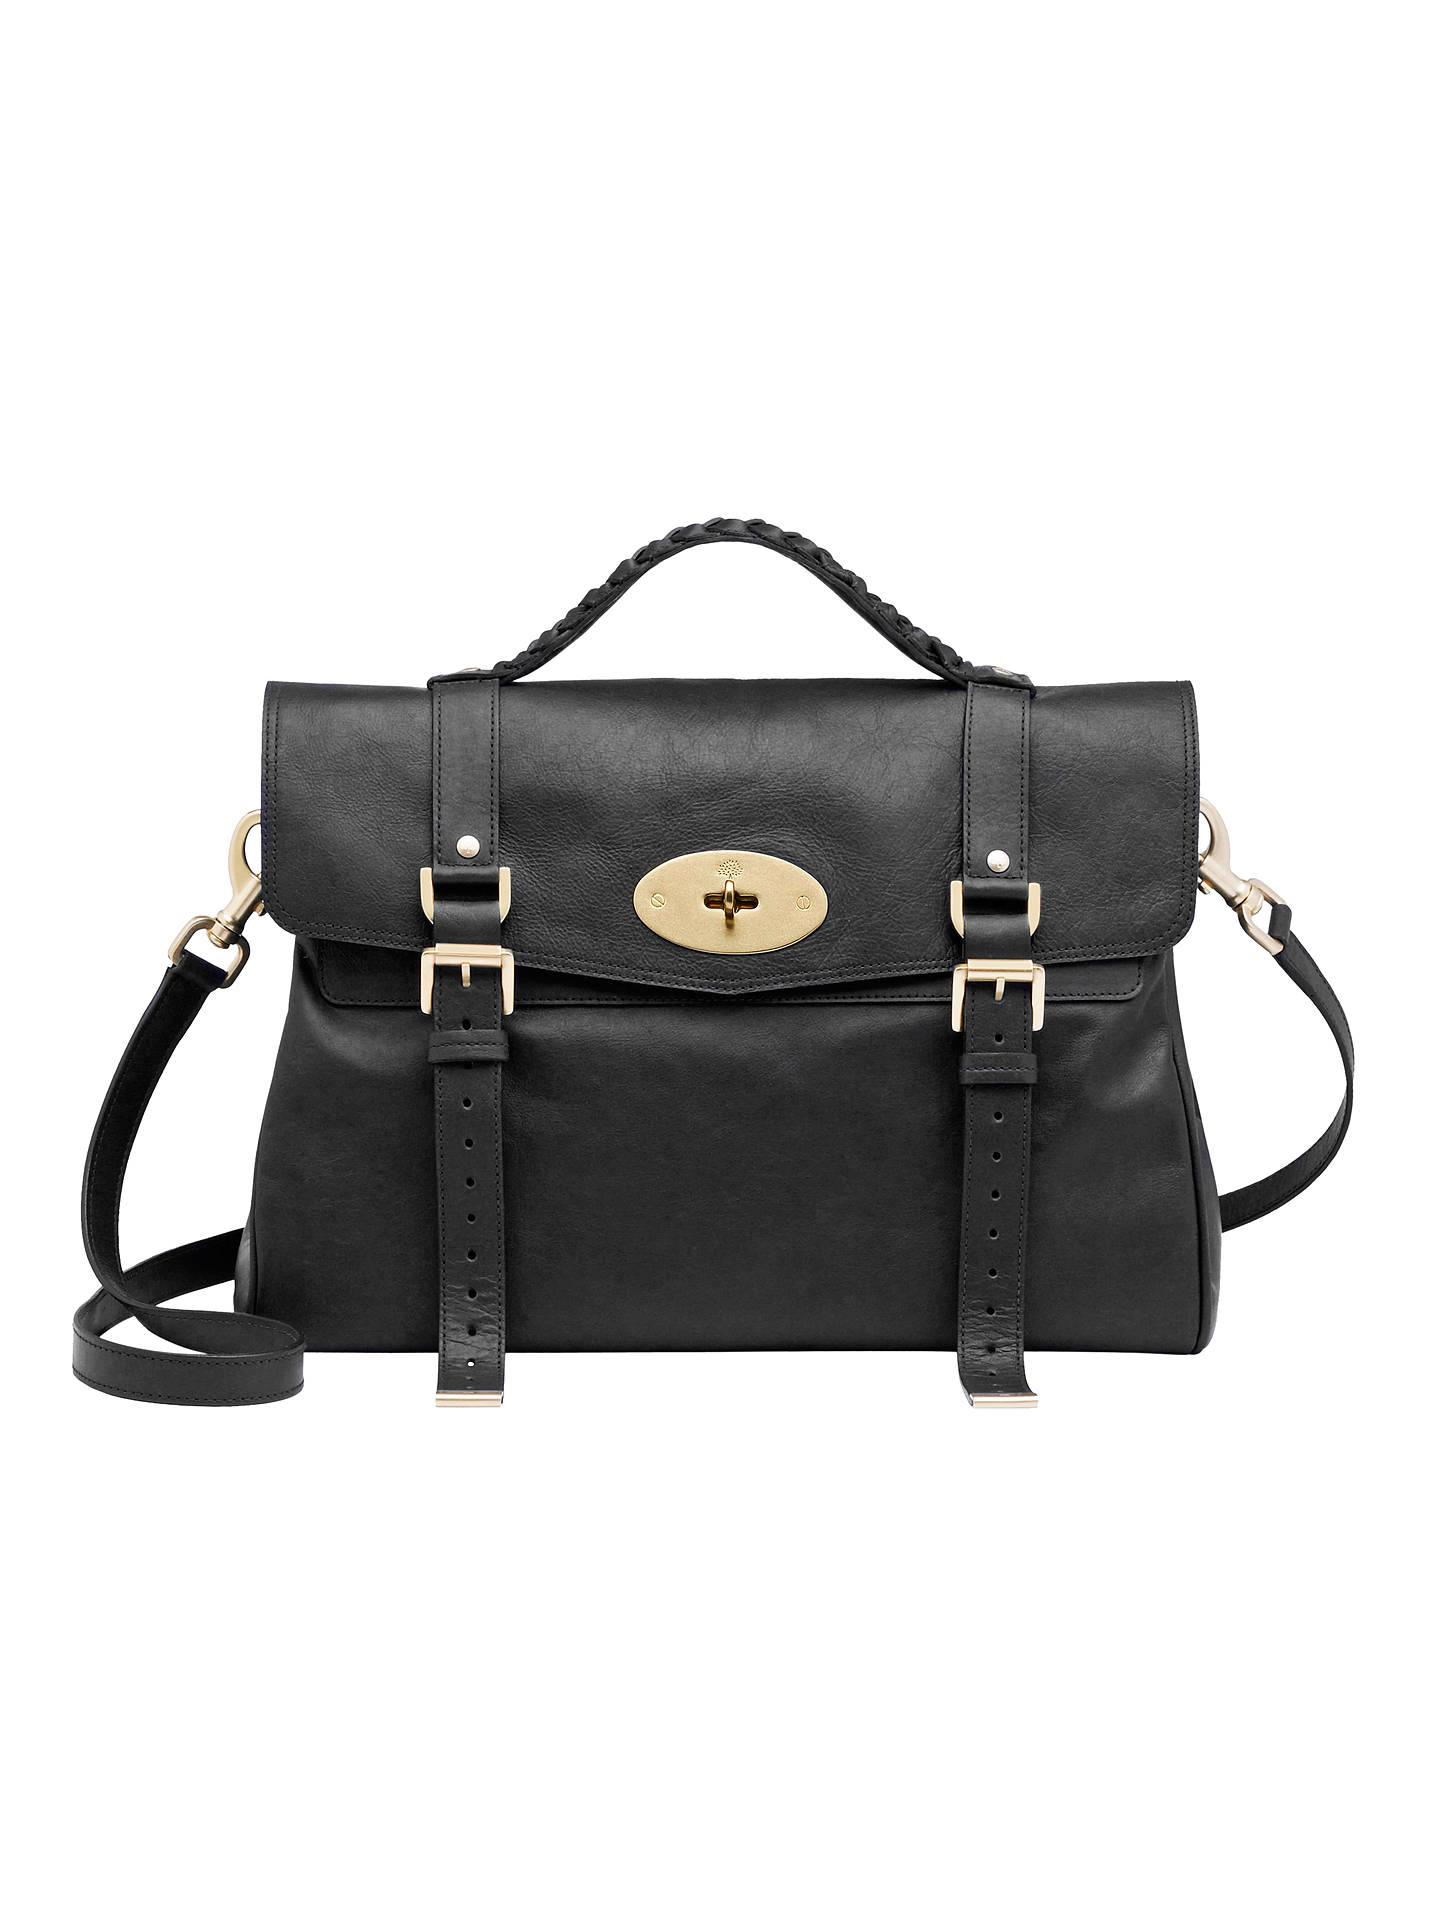 bf2f87edce Buy Mulberry Oversized Alexa Messenger & Shoulder Handbag, Black Online at  johnlewis.com